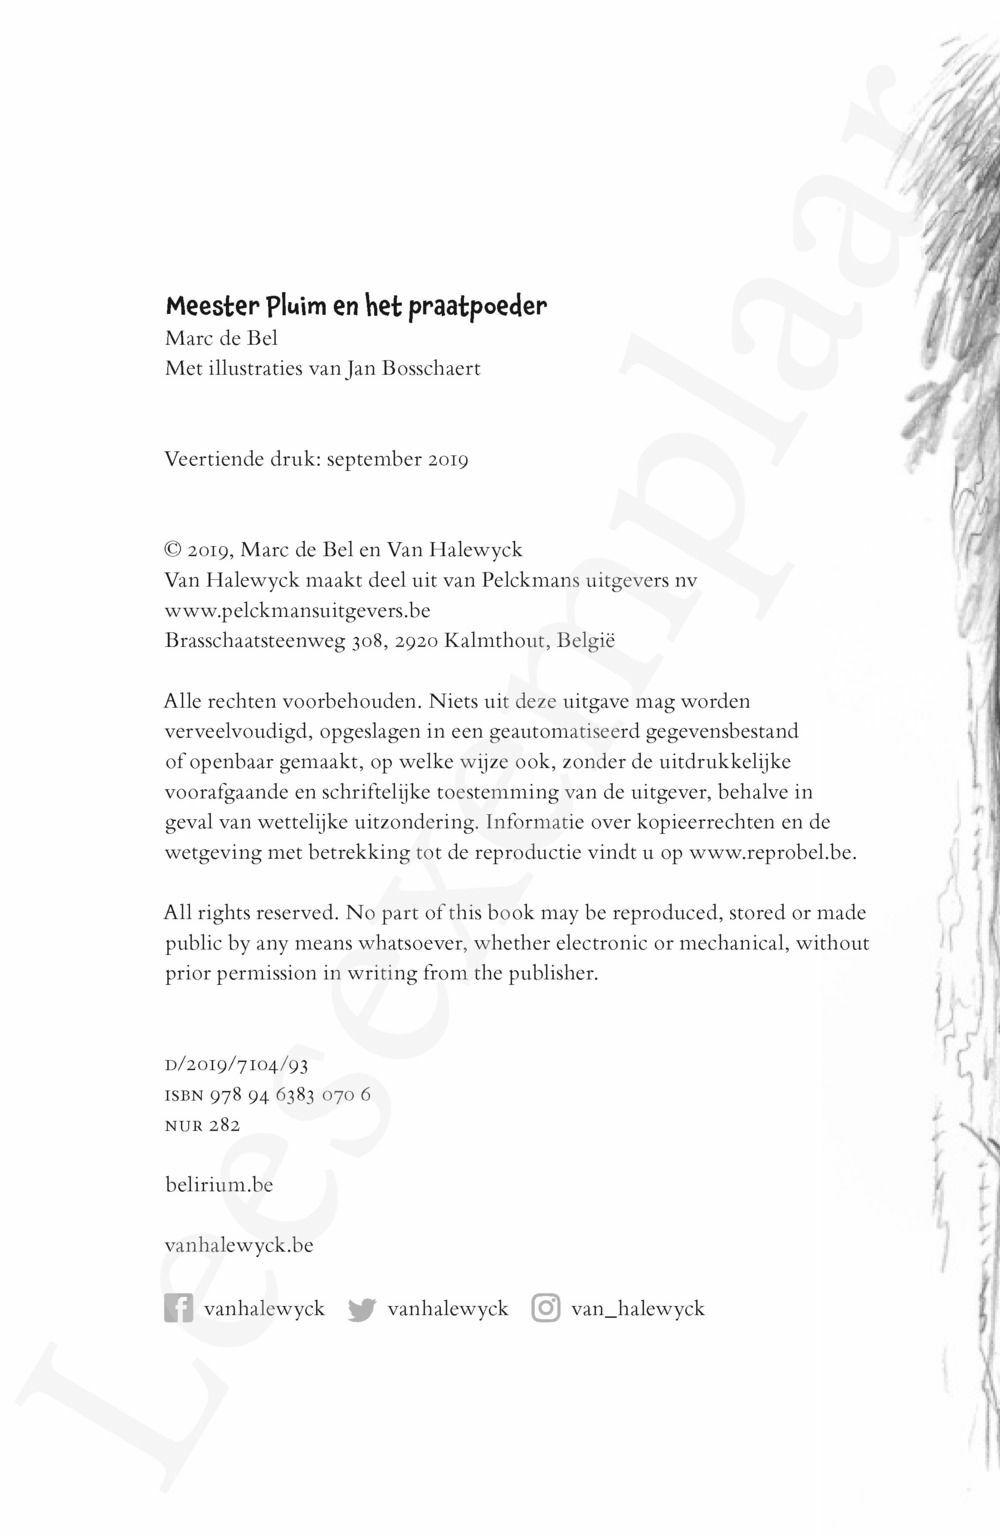 Preview: Meester Pluim en het praatpoeder